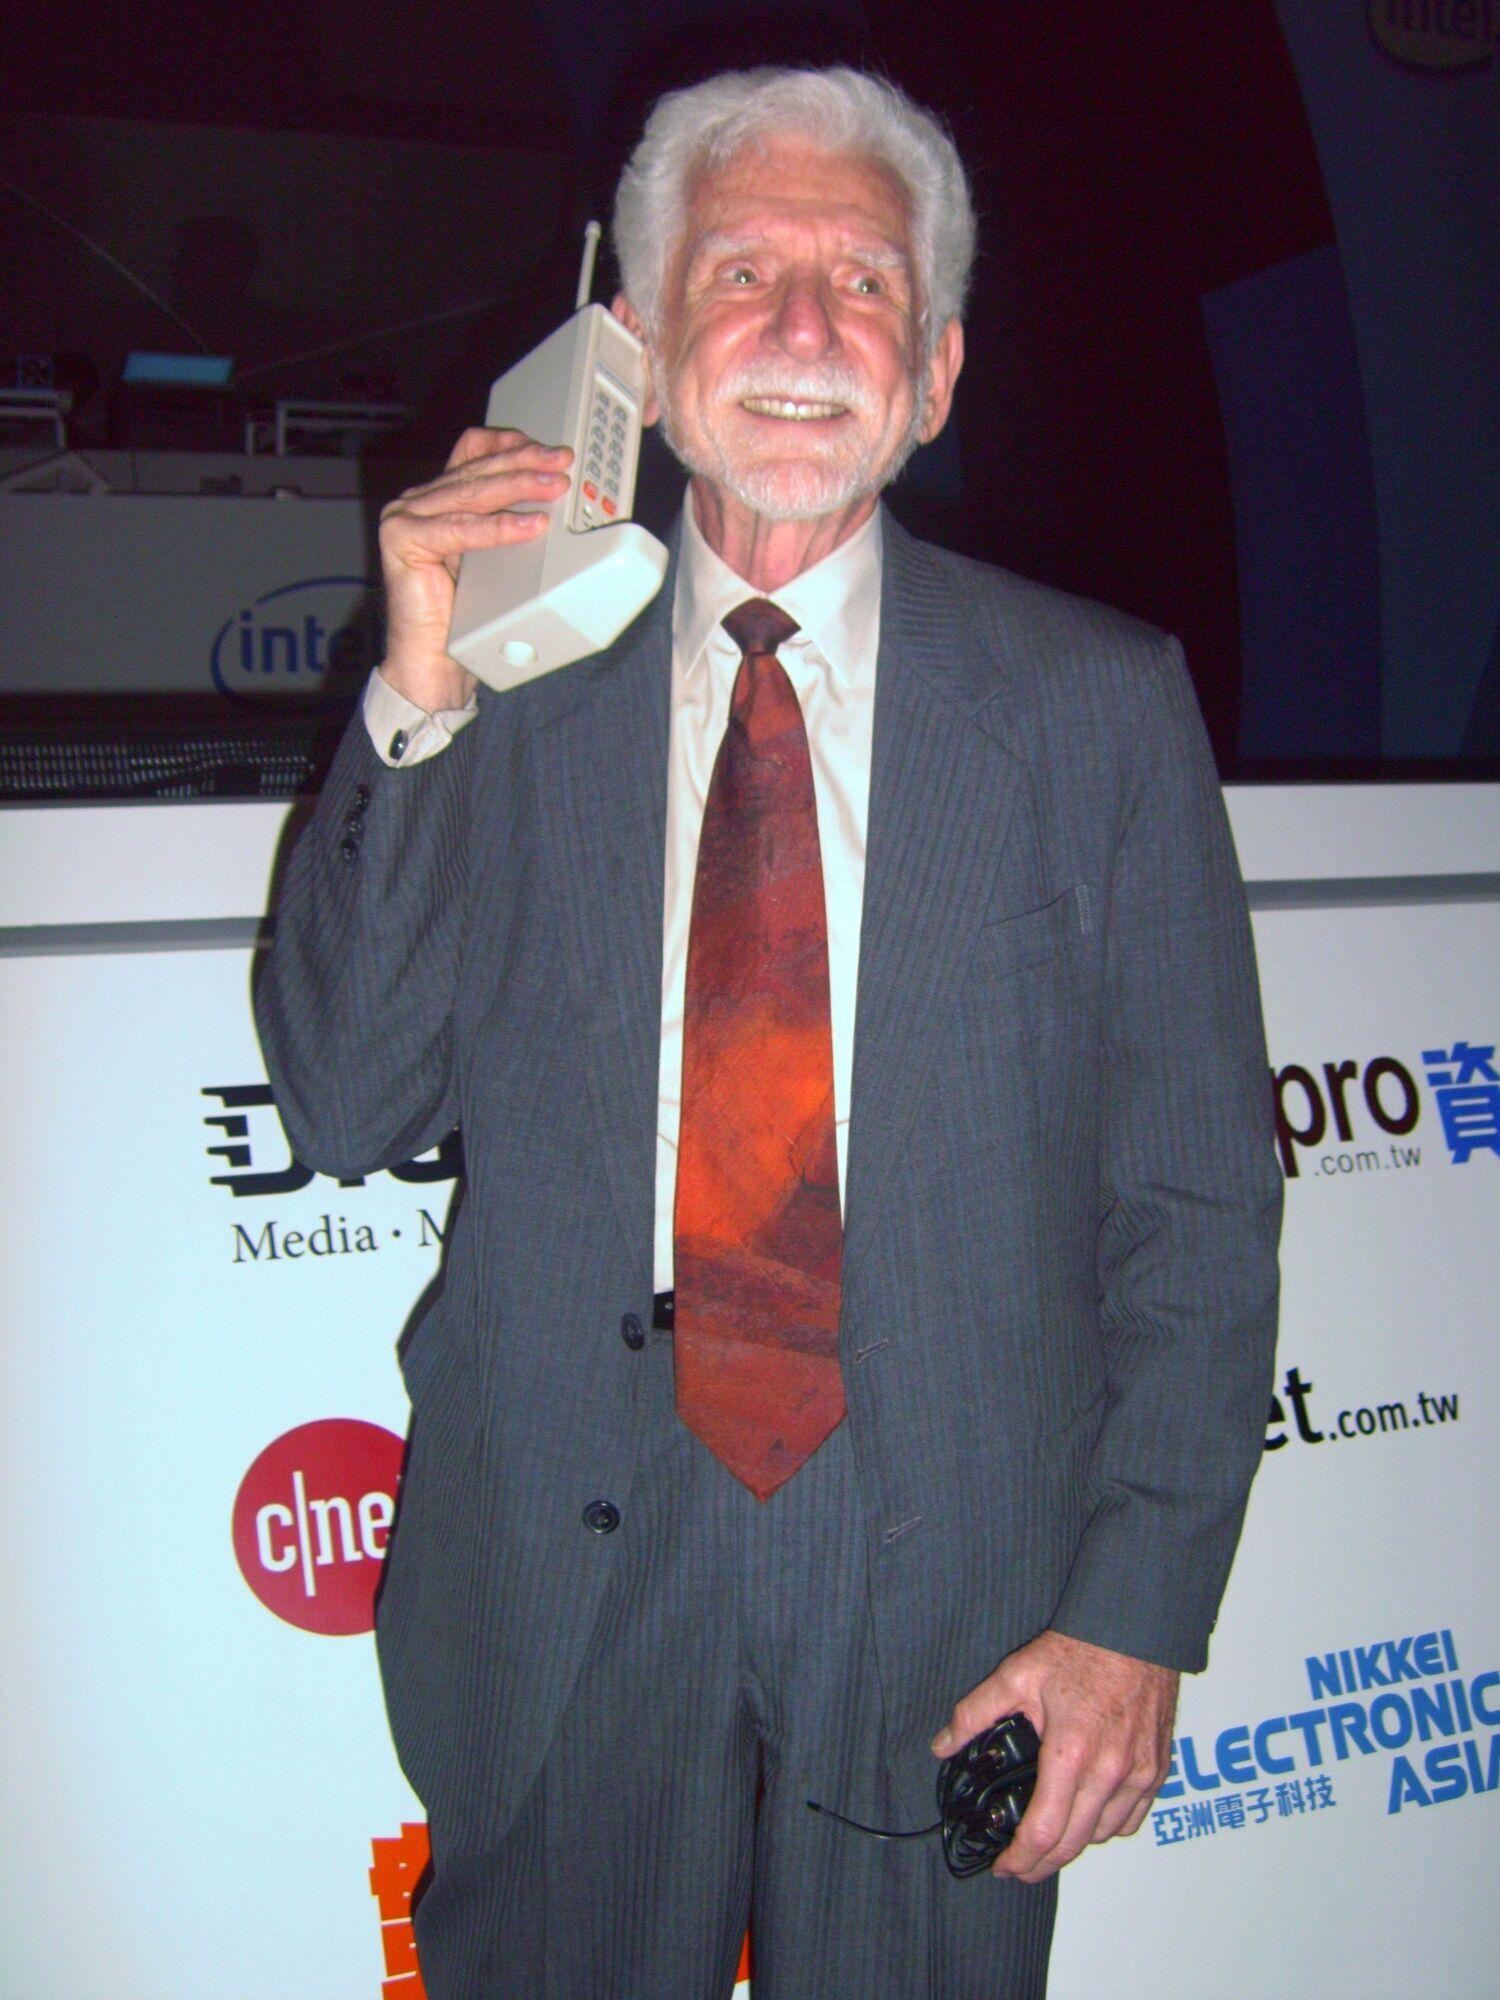 Первый мобильный телефон создал изобретатель из Motorola Мартин Купер